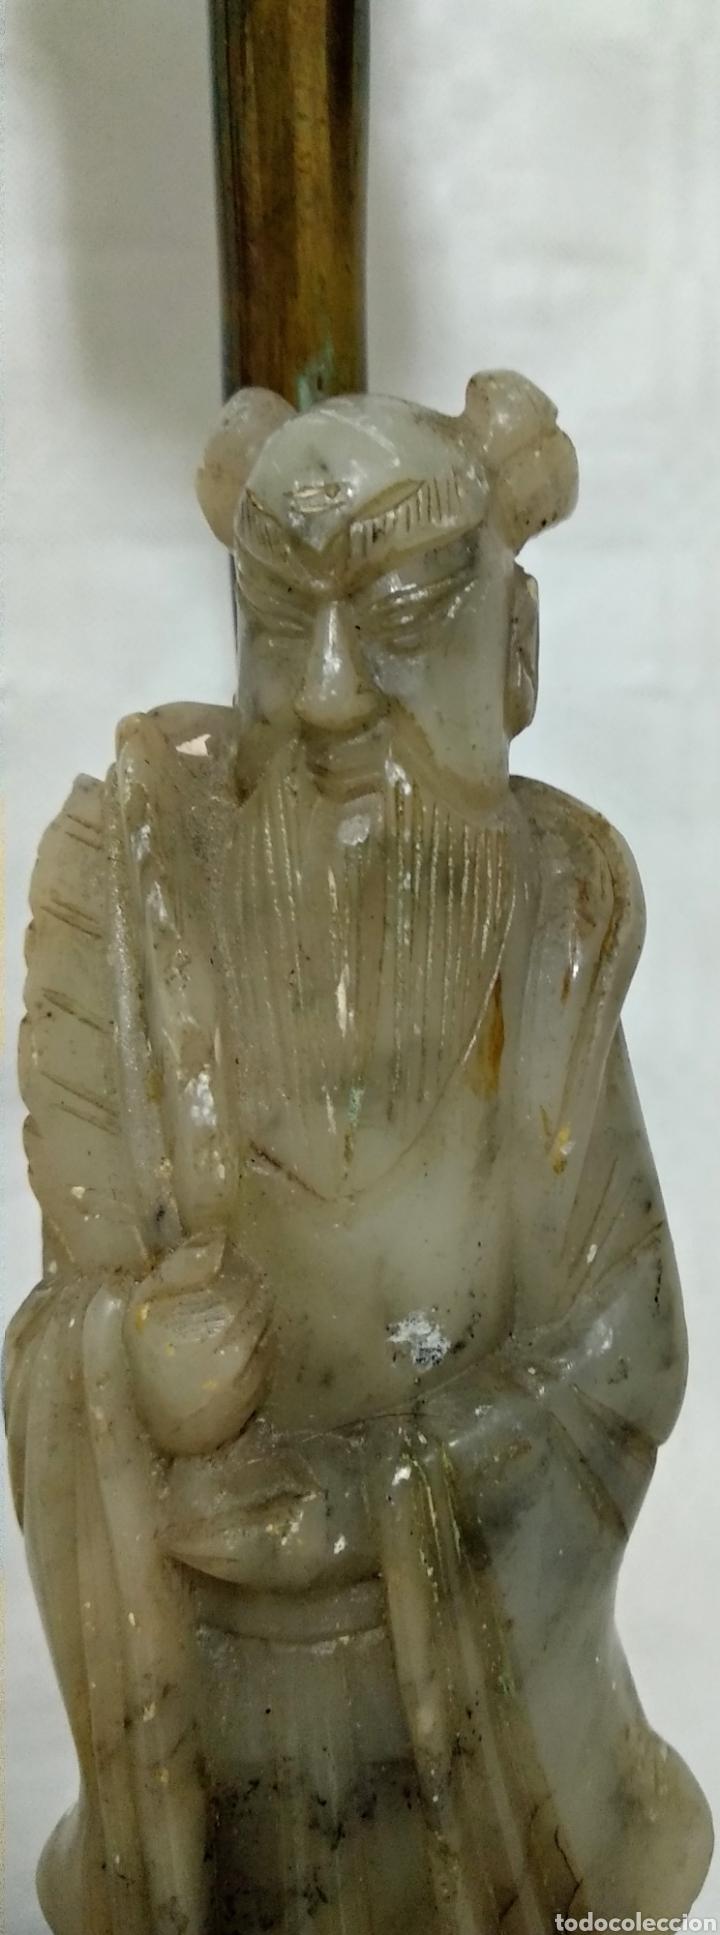 Antigüedades: Antiguas lámparas de bronce con figuras de chino y china de jade y base de madera sXIX - Foto 3 - 150848145